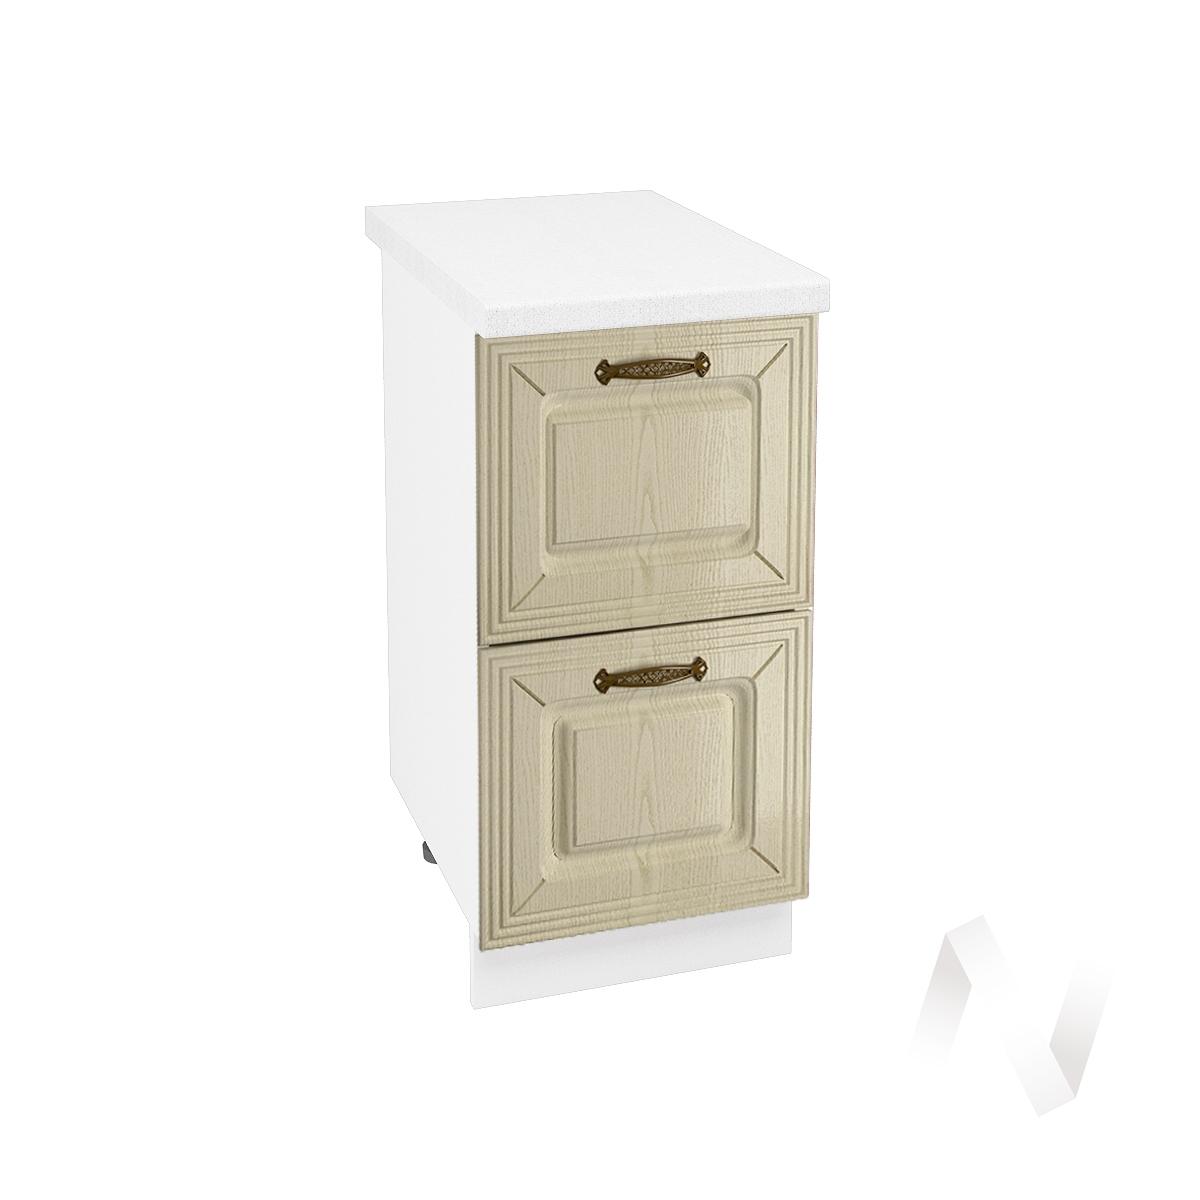 """Кухня """"Изабель"""": Шкаф нижний с 2-мя ящиками 400, ШН2Я 400 (корпус белый)"""